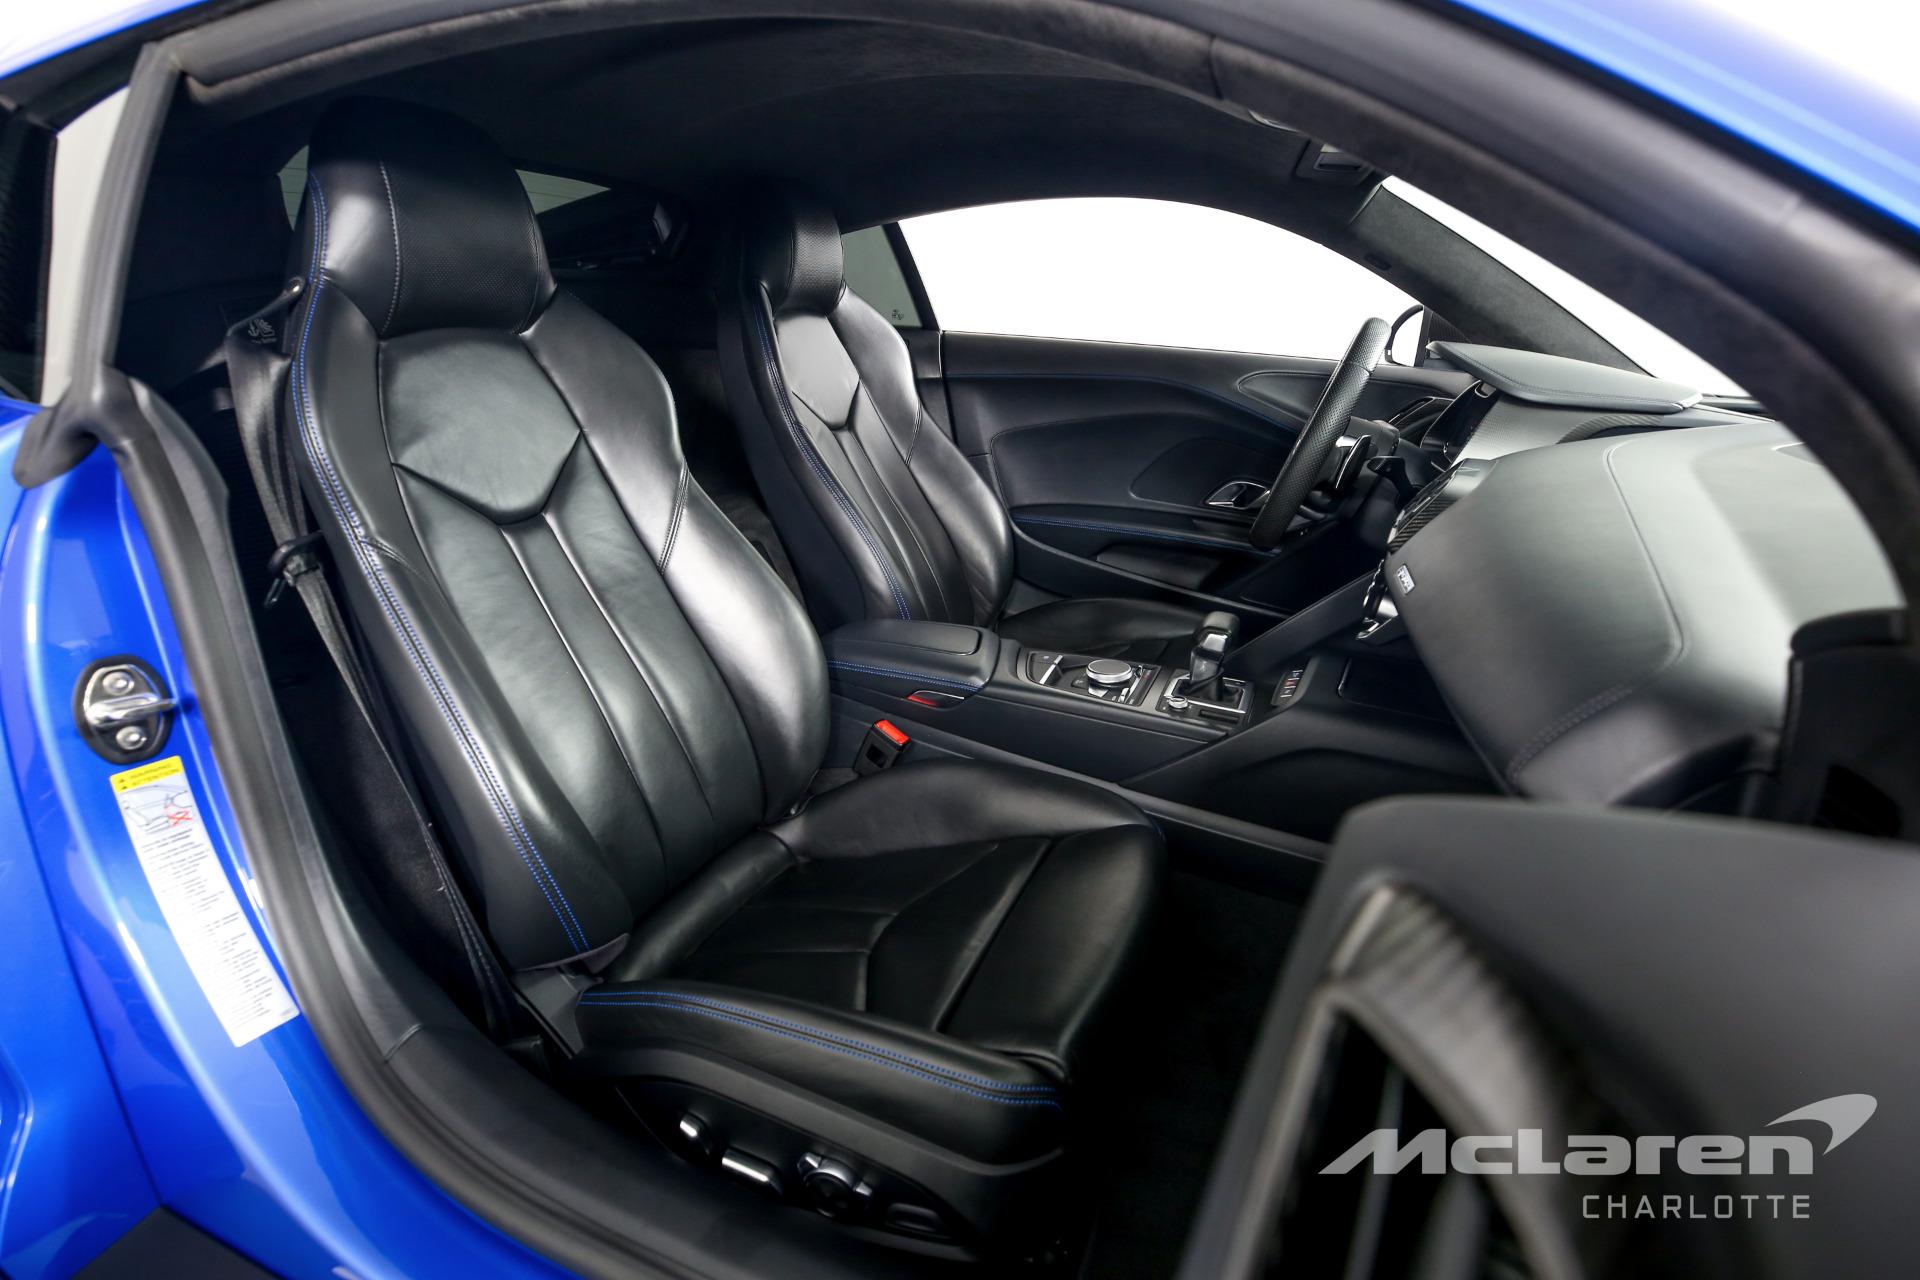 Used 2017 Audi R8 5.2 quattro V10 Plus | Charlotte, NC